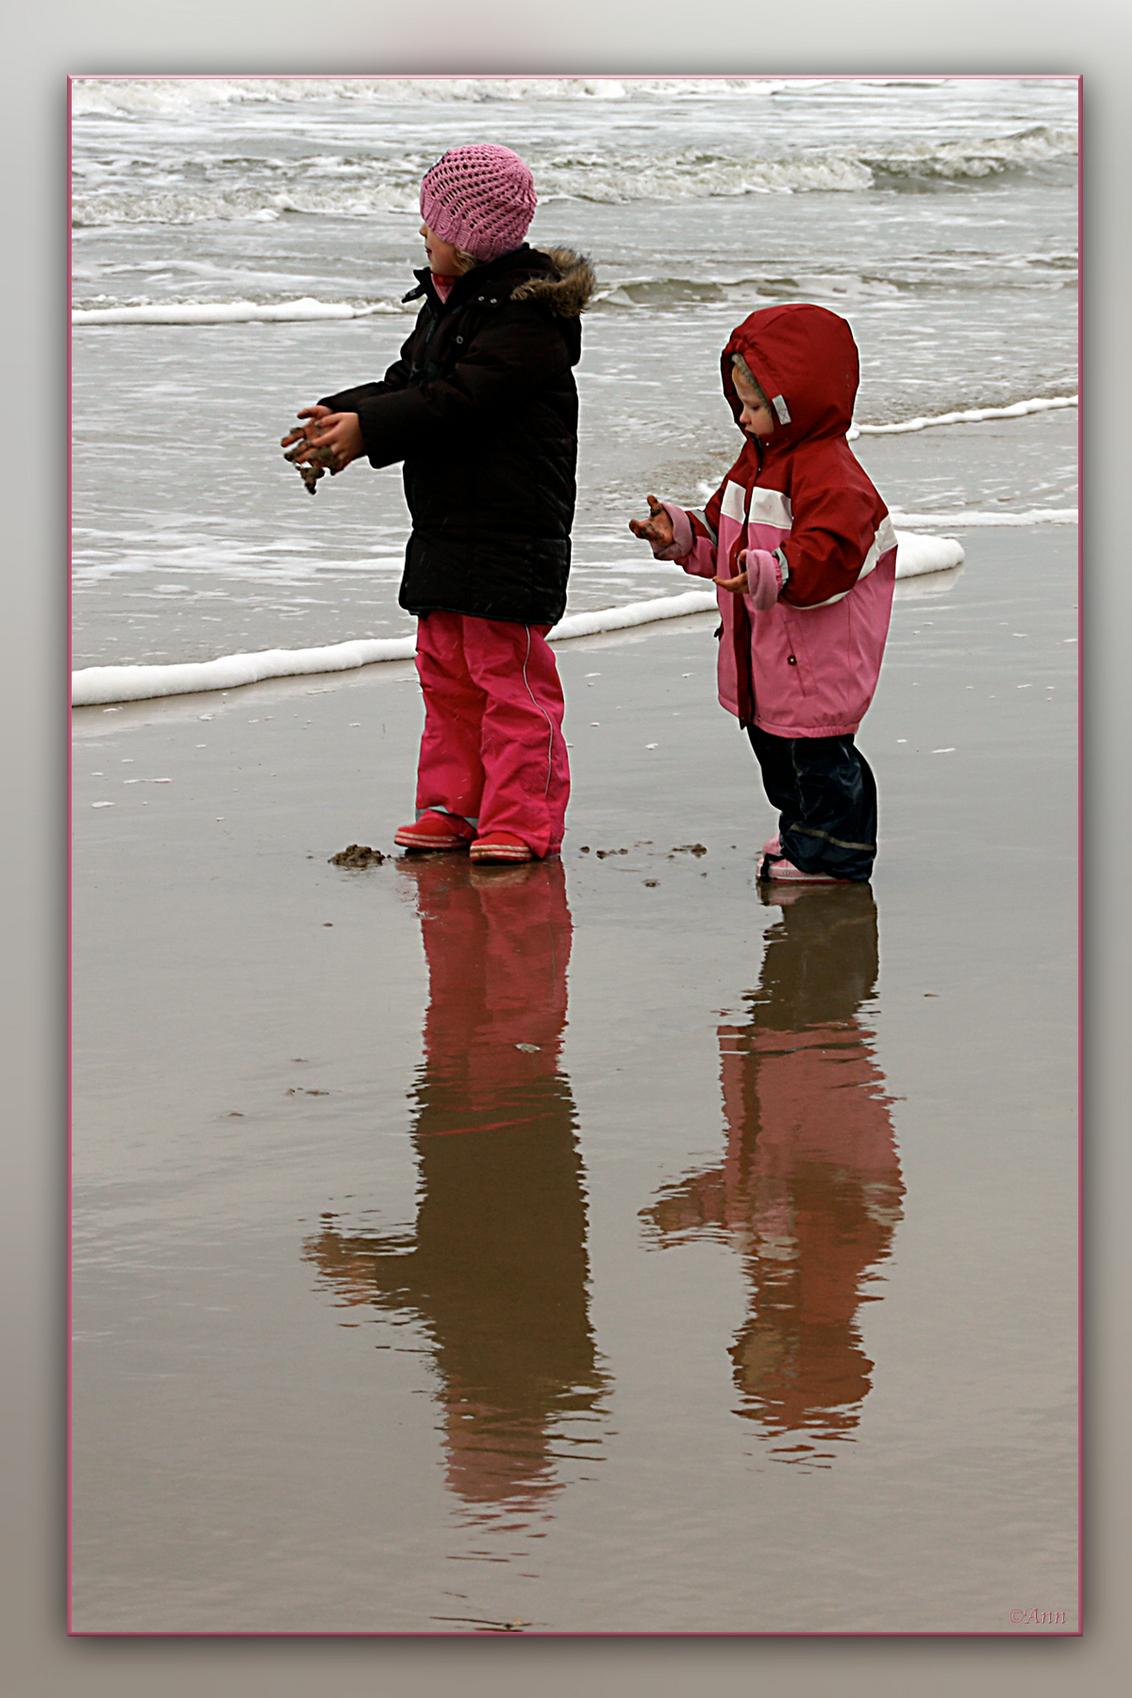 De ontdekking!!! - Zo maar een moment, wat ik tegen kwam, bij mijn strandwandeling. Groetjes Ann - foto door Ann_zoom op 12-10-2009 - deze foto bevat: kinderen, straatfotografie, ann